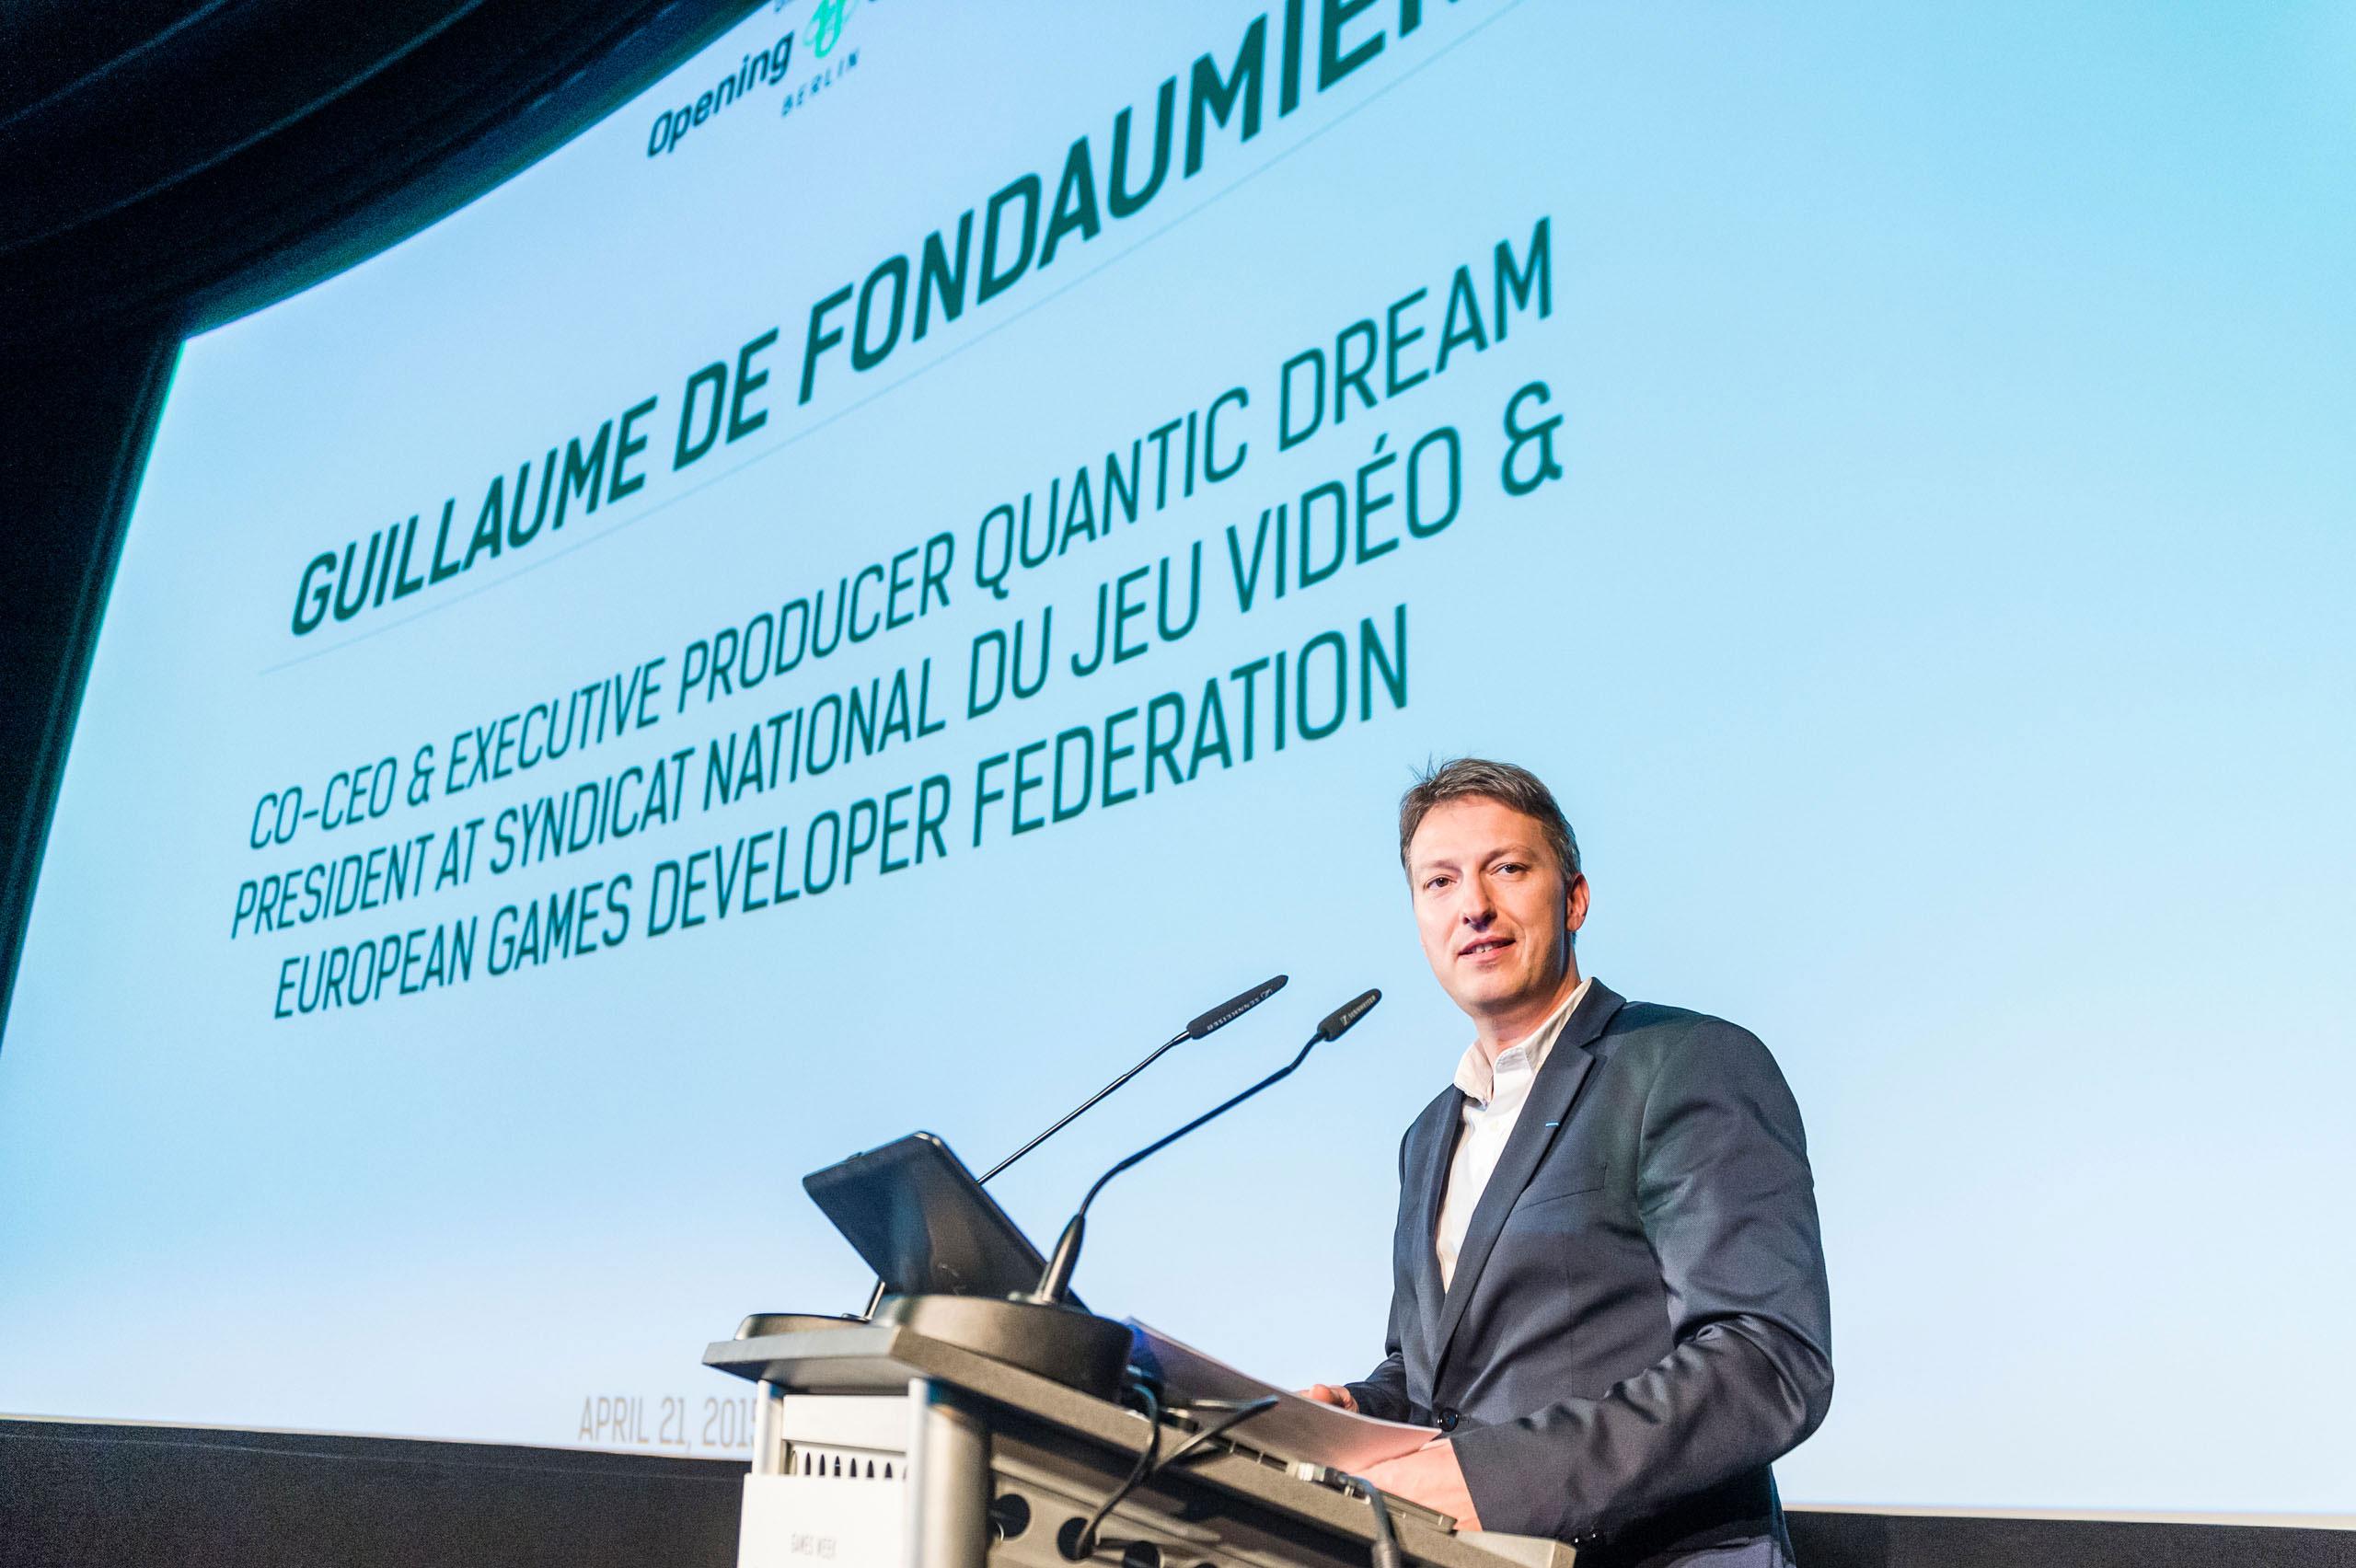 Guillaume-de-Fondaumiere